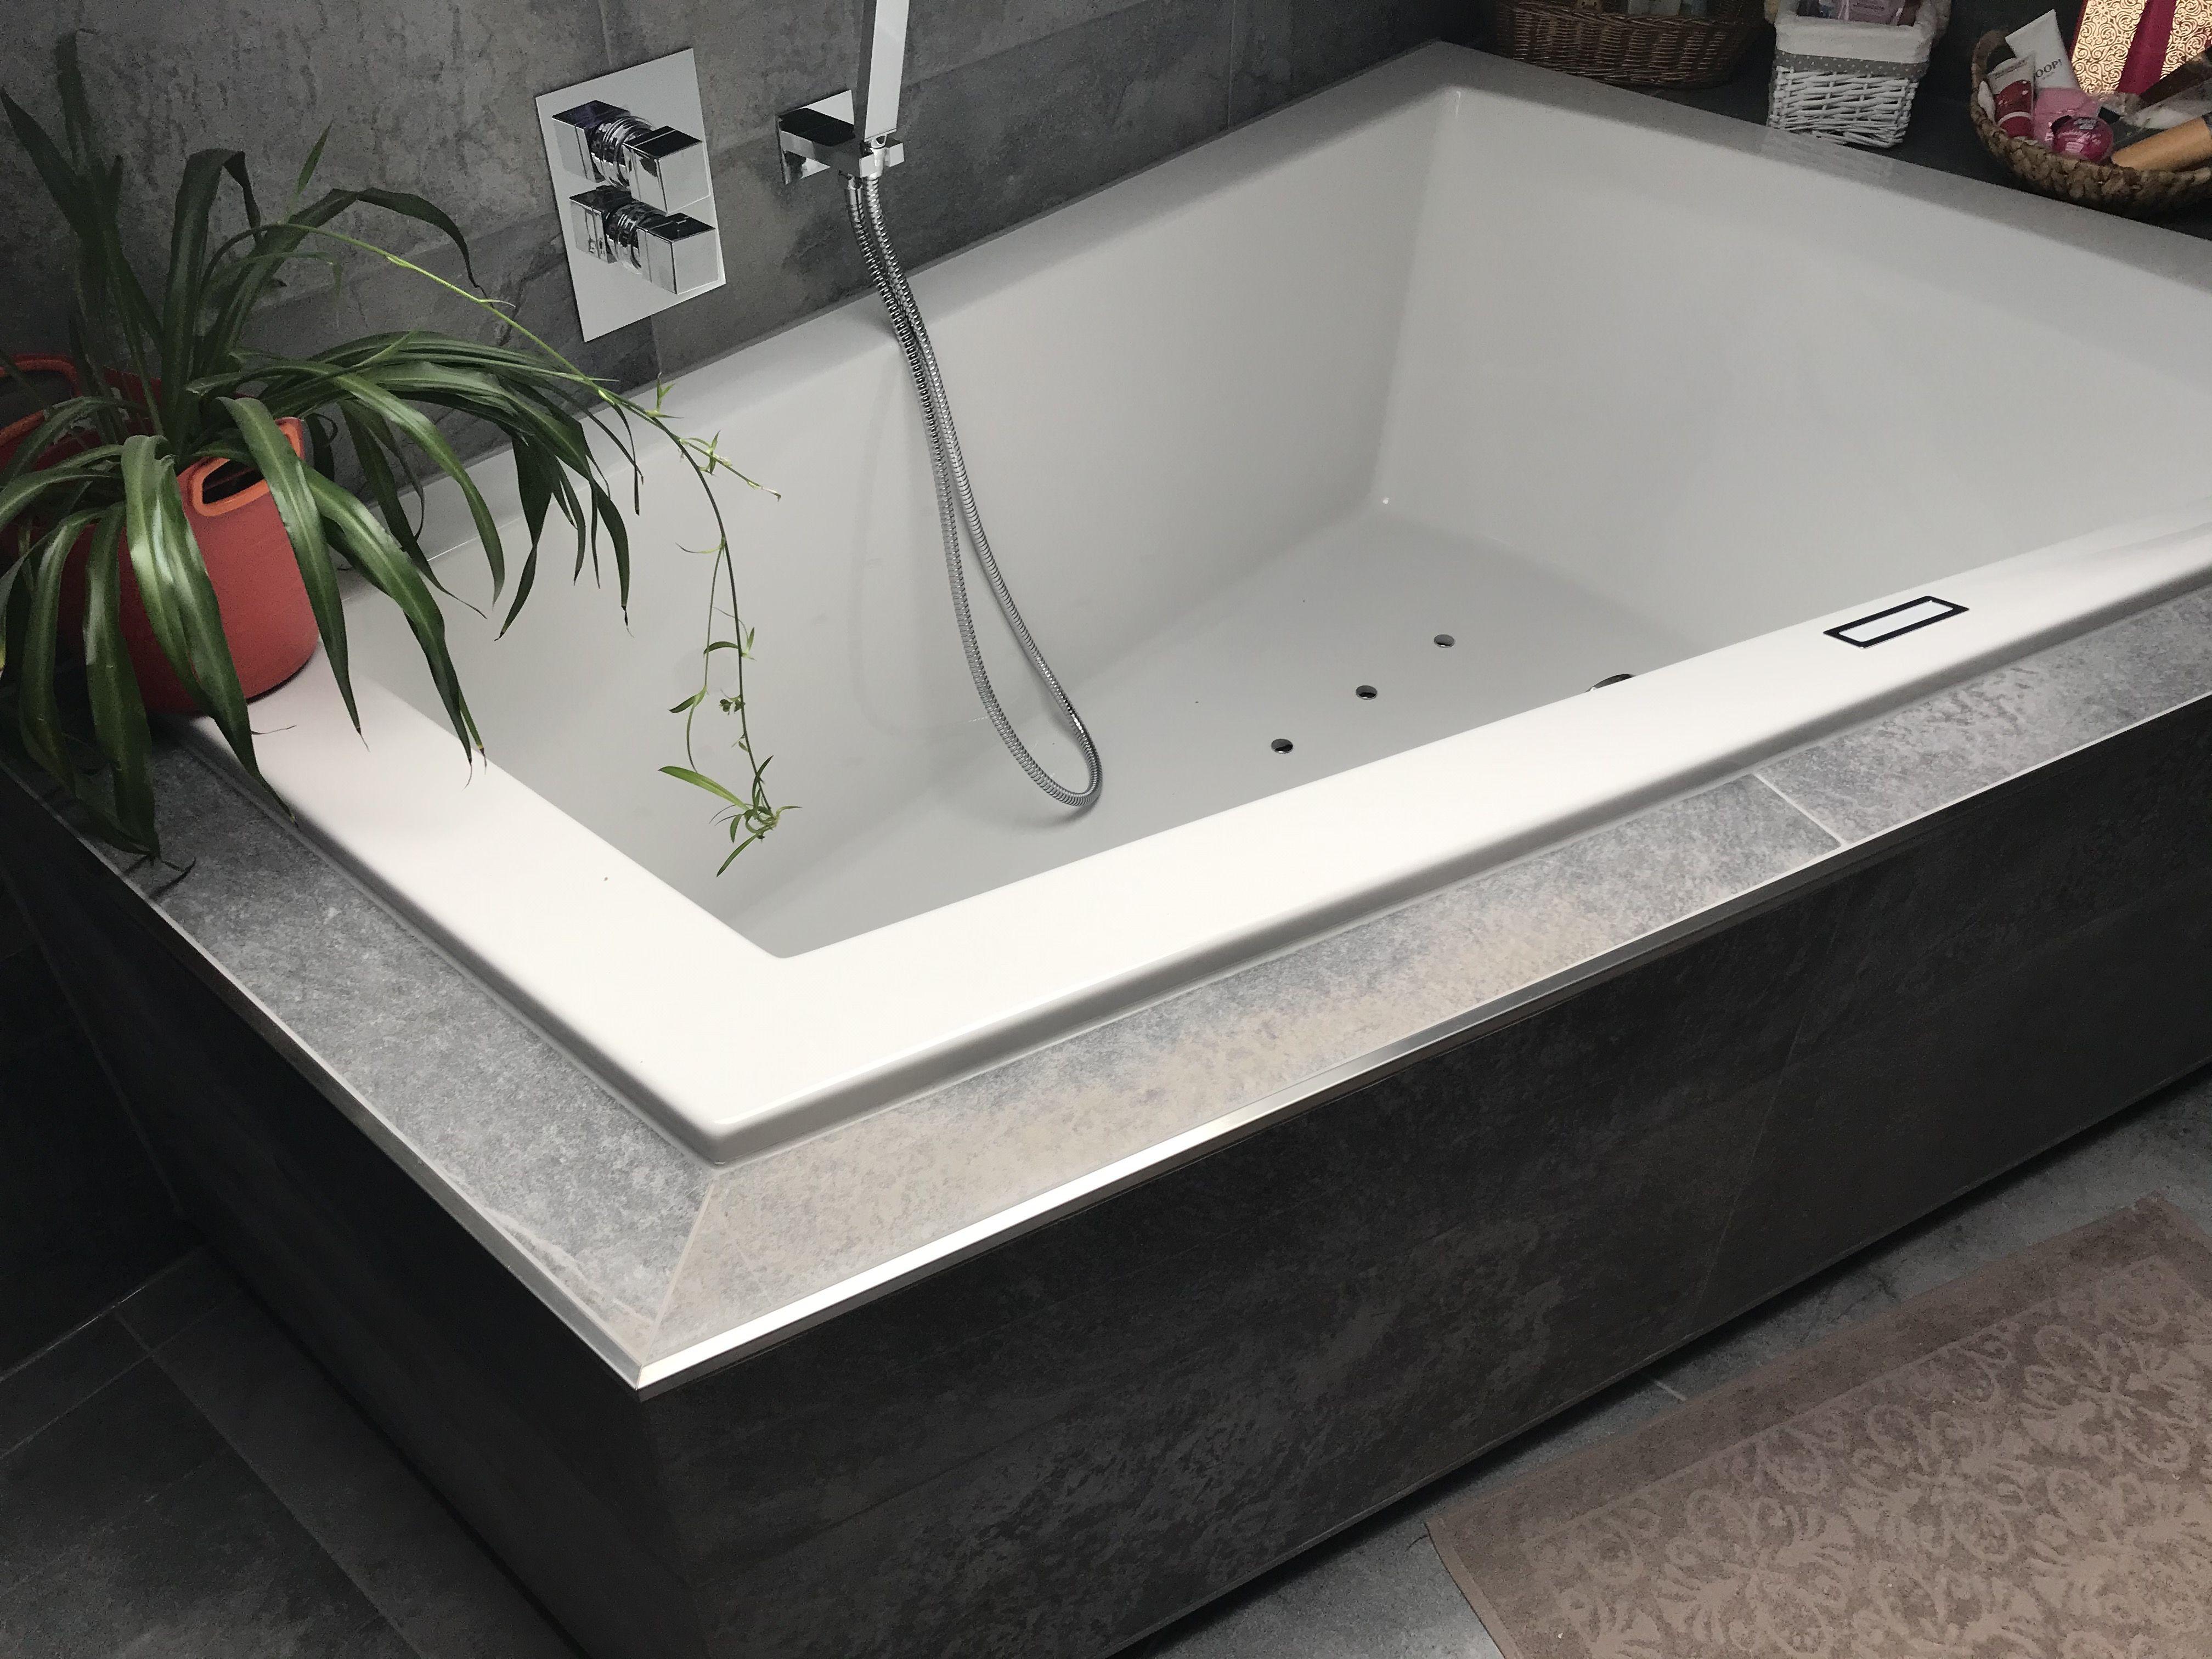 Diese Fliese Passt Wunderbar In Dieses Gesamtkonzept Rein Leicht Modern Aber Auch Super Individuell Wurde Sie Hier Angewendet Naturstein Badewanne Mit Bildern Badewanne